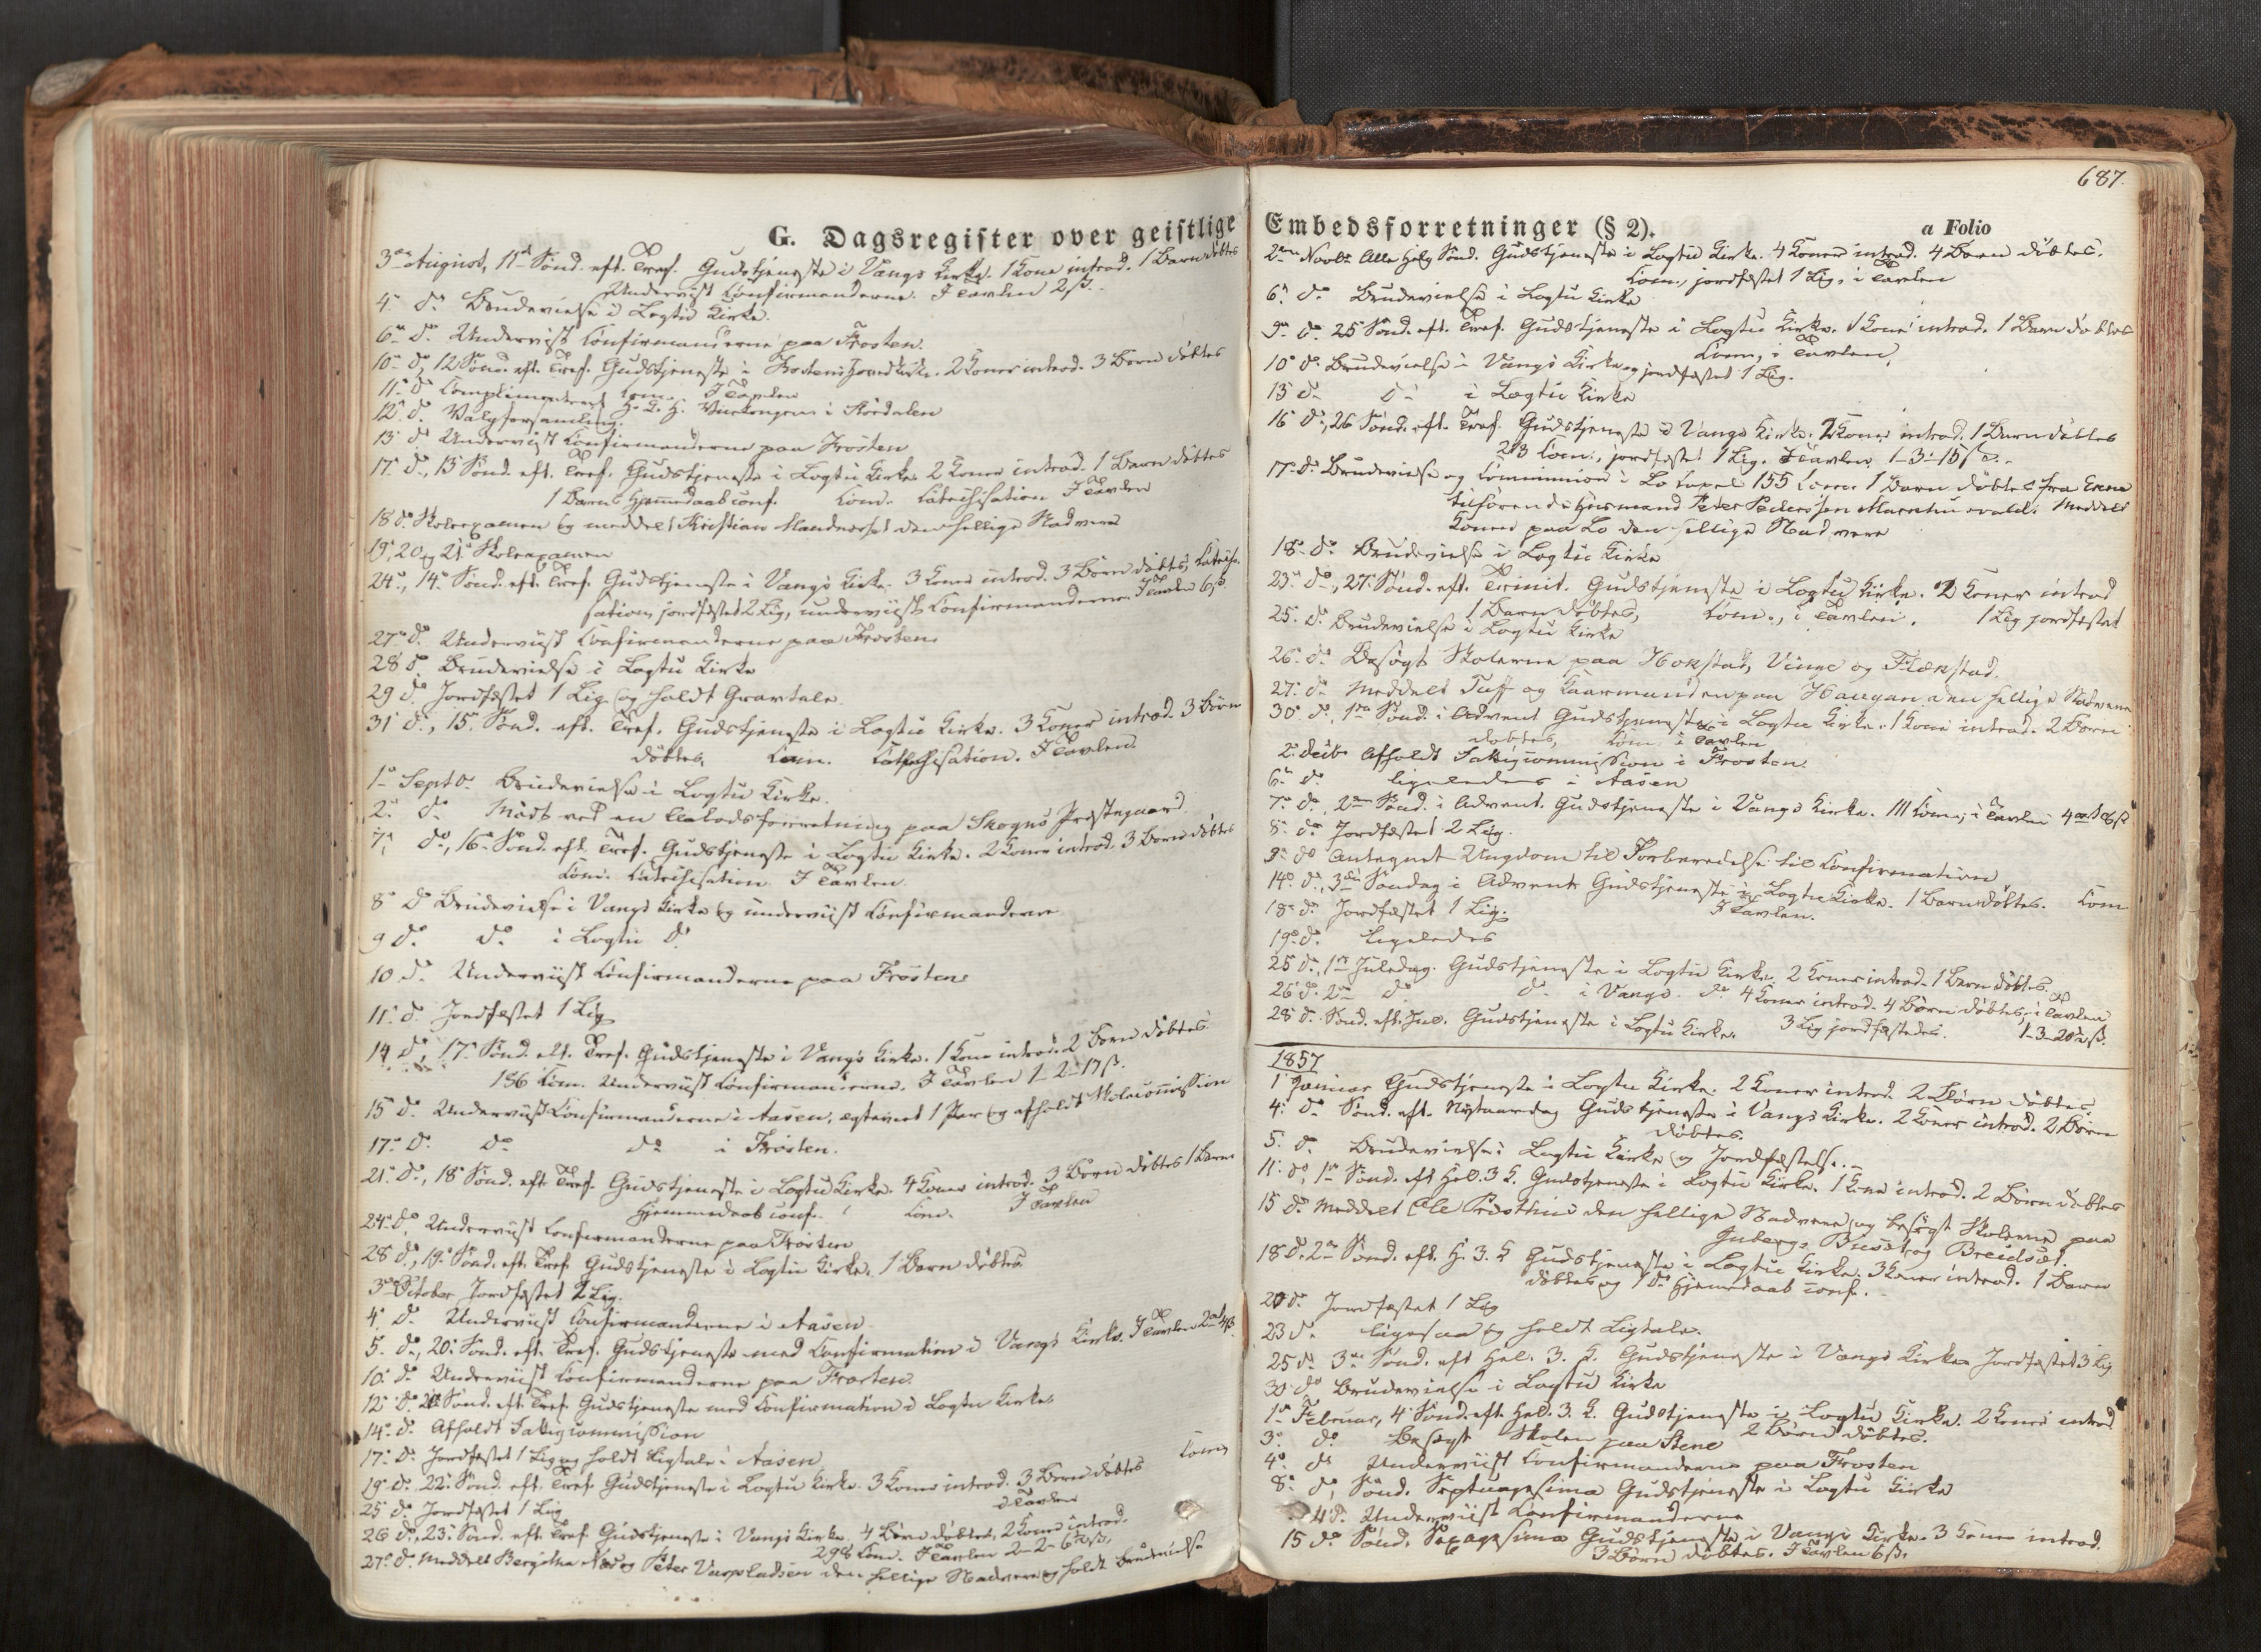 SAT, Ministerialprotokoller, klokkerbøker og fødselsregistre - Nord-Trøndelag, 713/L0116: Ministerialbok nr. 713A07, 1850-1877, s. 687